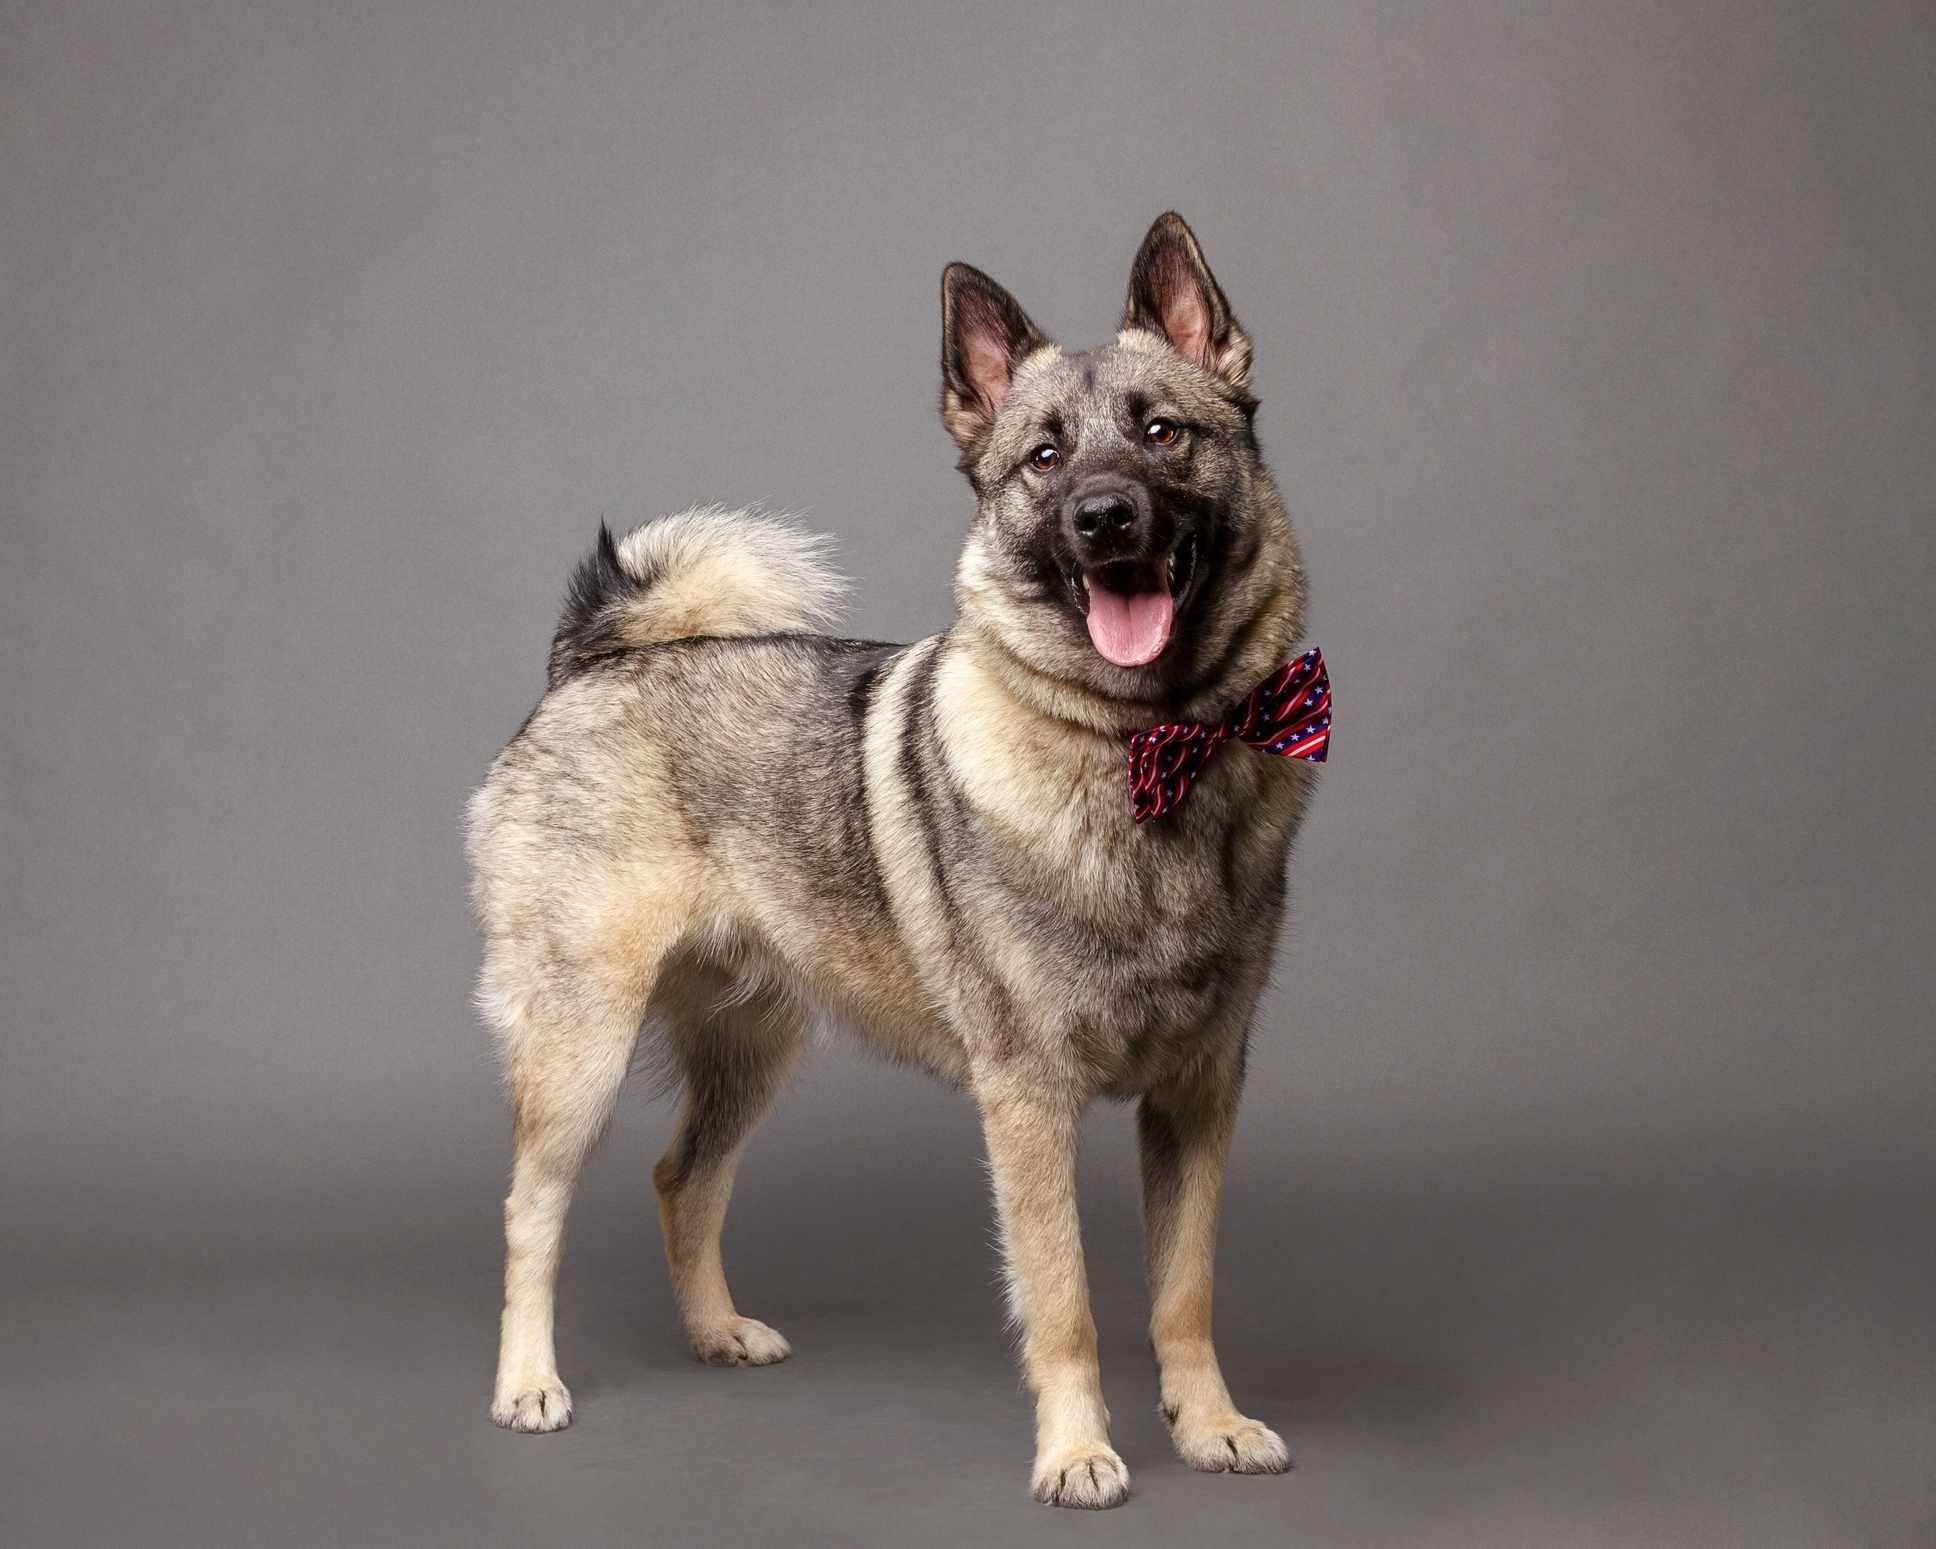 Norwegian elkhound portrait